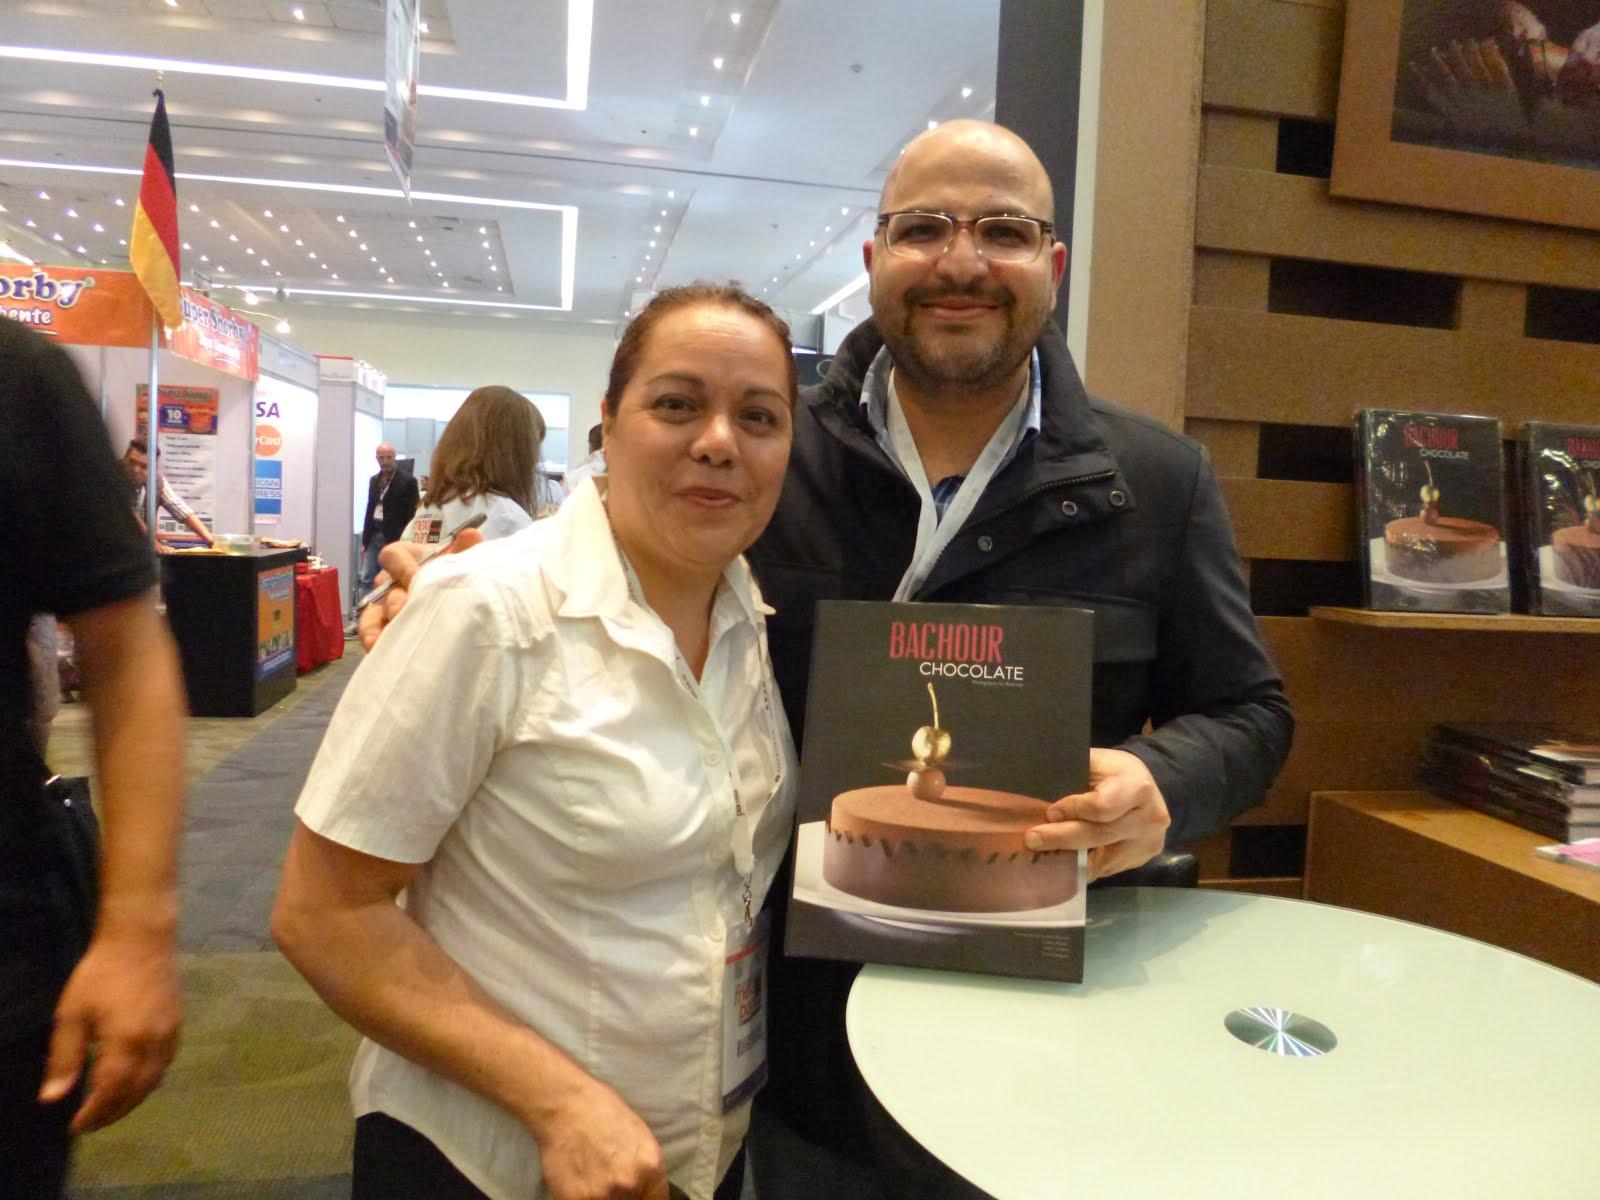 Con Chef Antonio Bachour